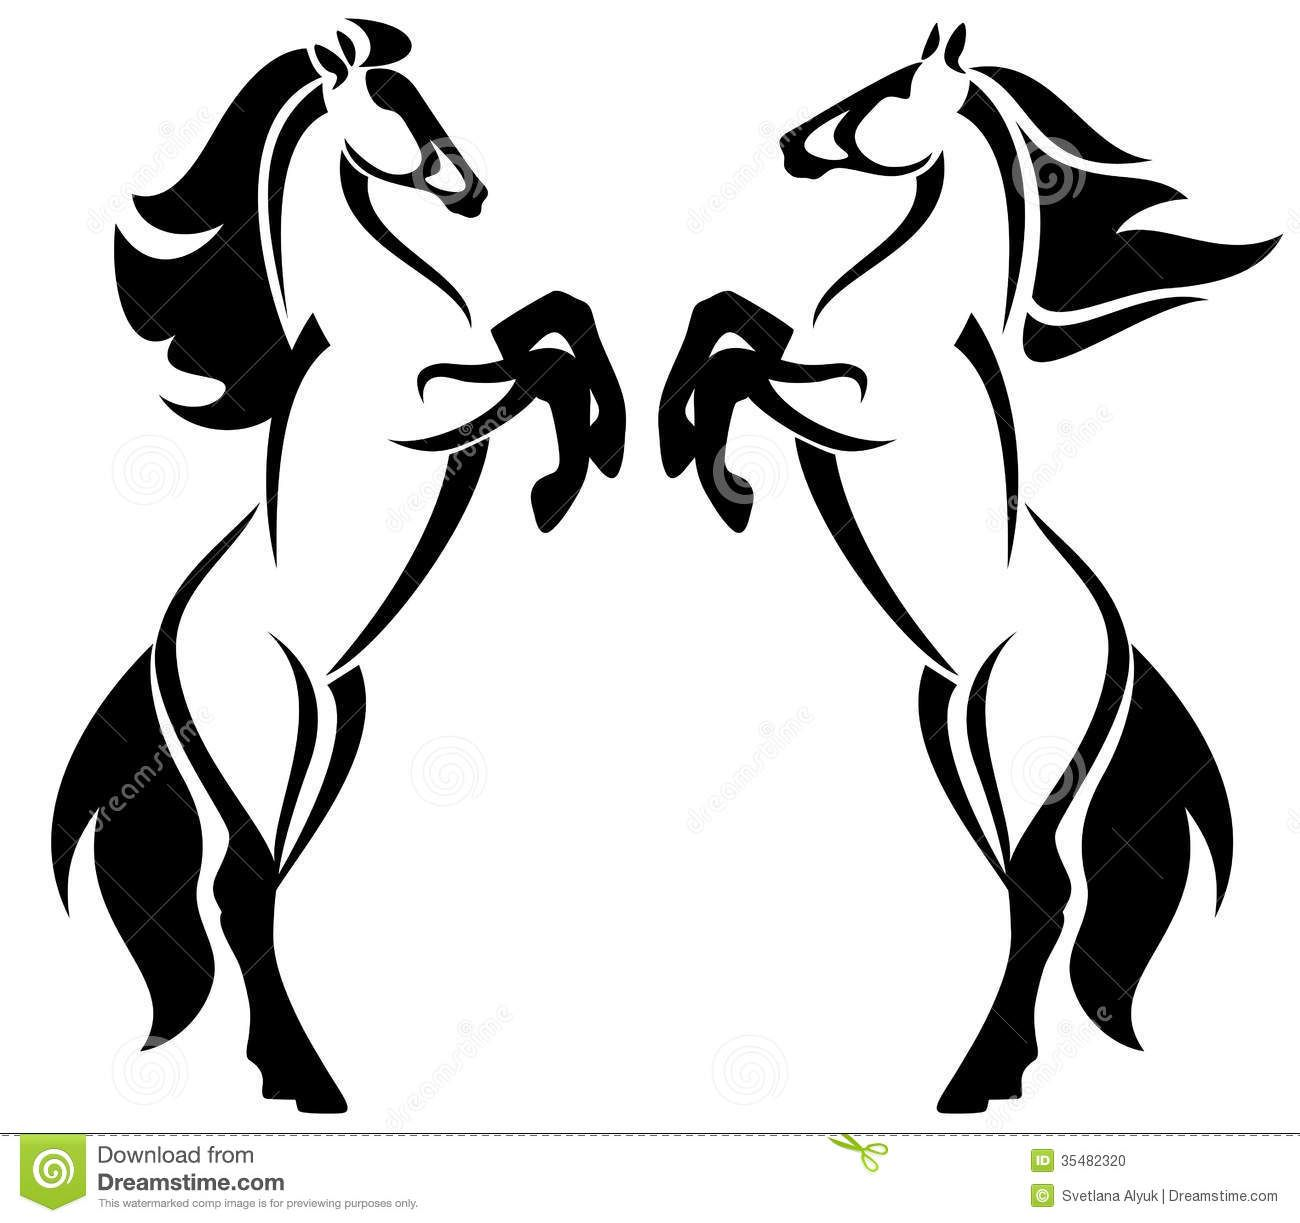 horses design rearing up horse fine outlines black white emblems 1300 1223. Black Bedroom Furniture Sets. Home Design Ideas